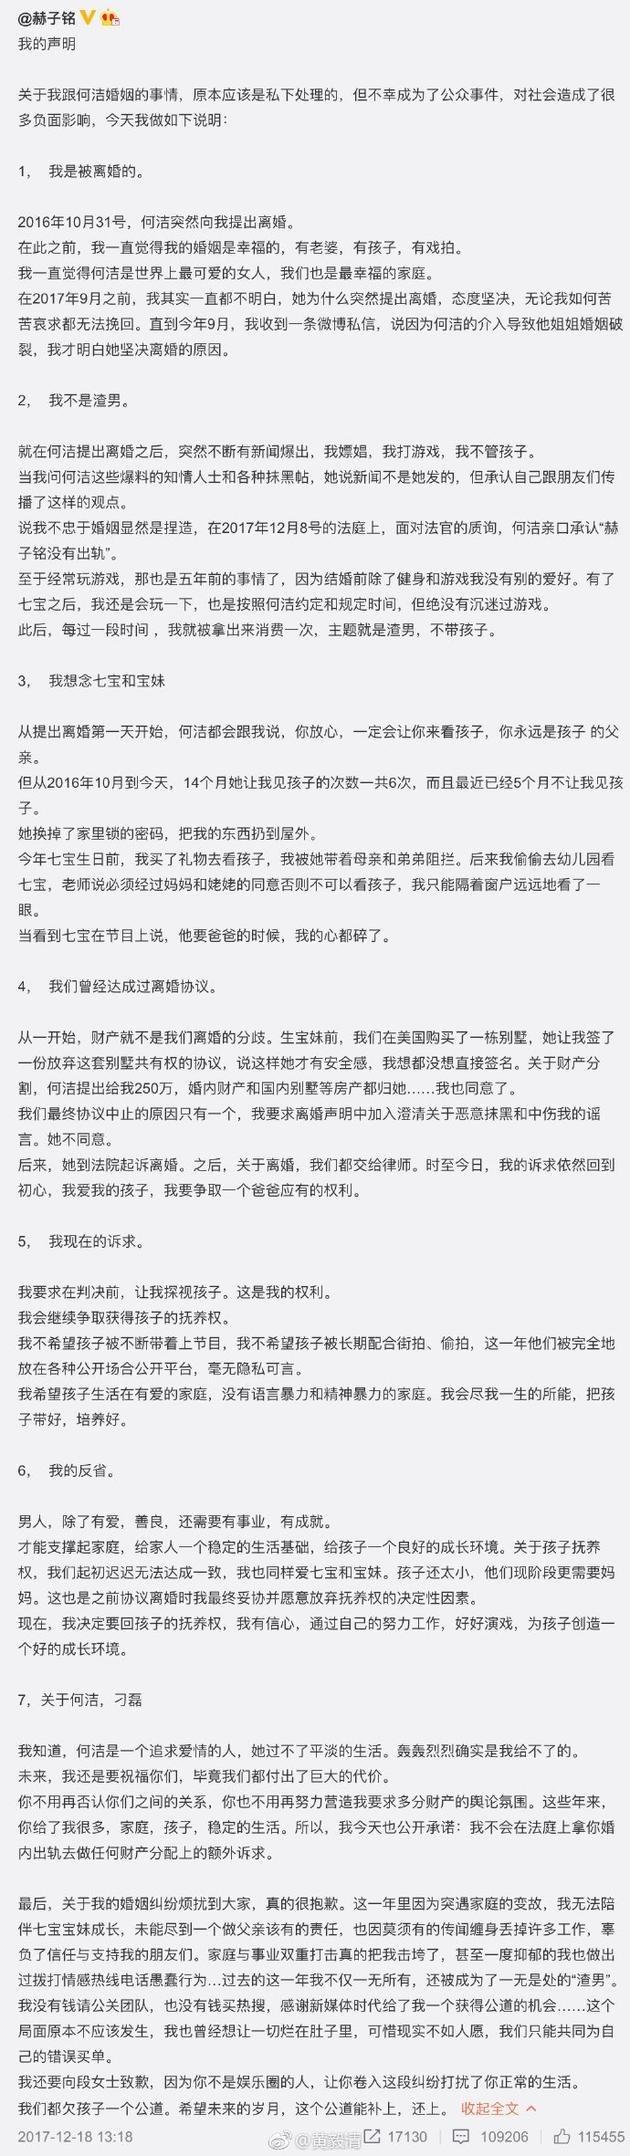 刁磊前妻朋友圈 本尊终于回应了?